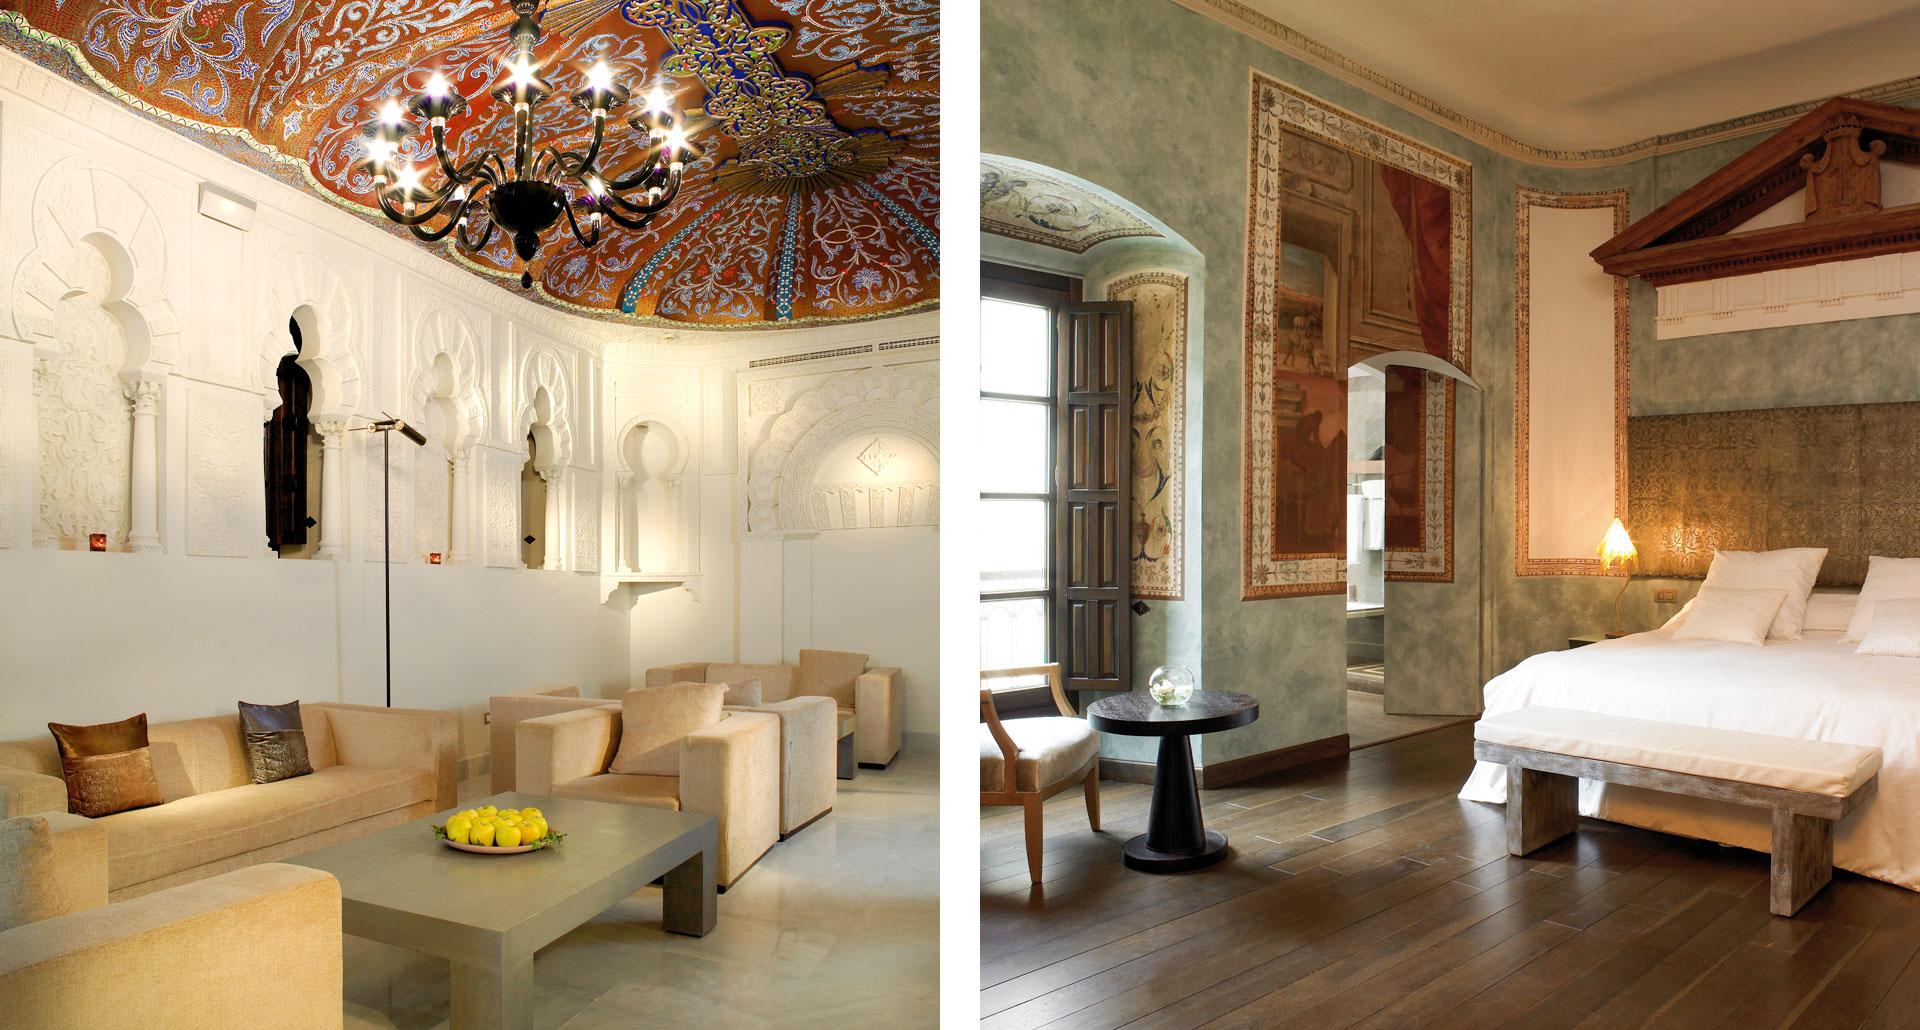 Hospes Palacio del Baílio - boutique hotel in Cordóba